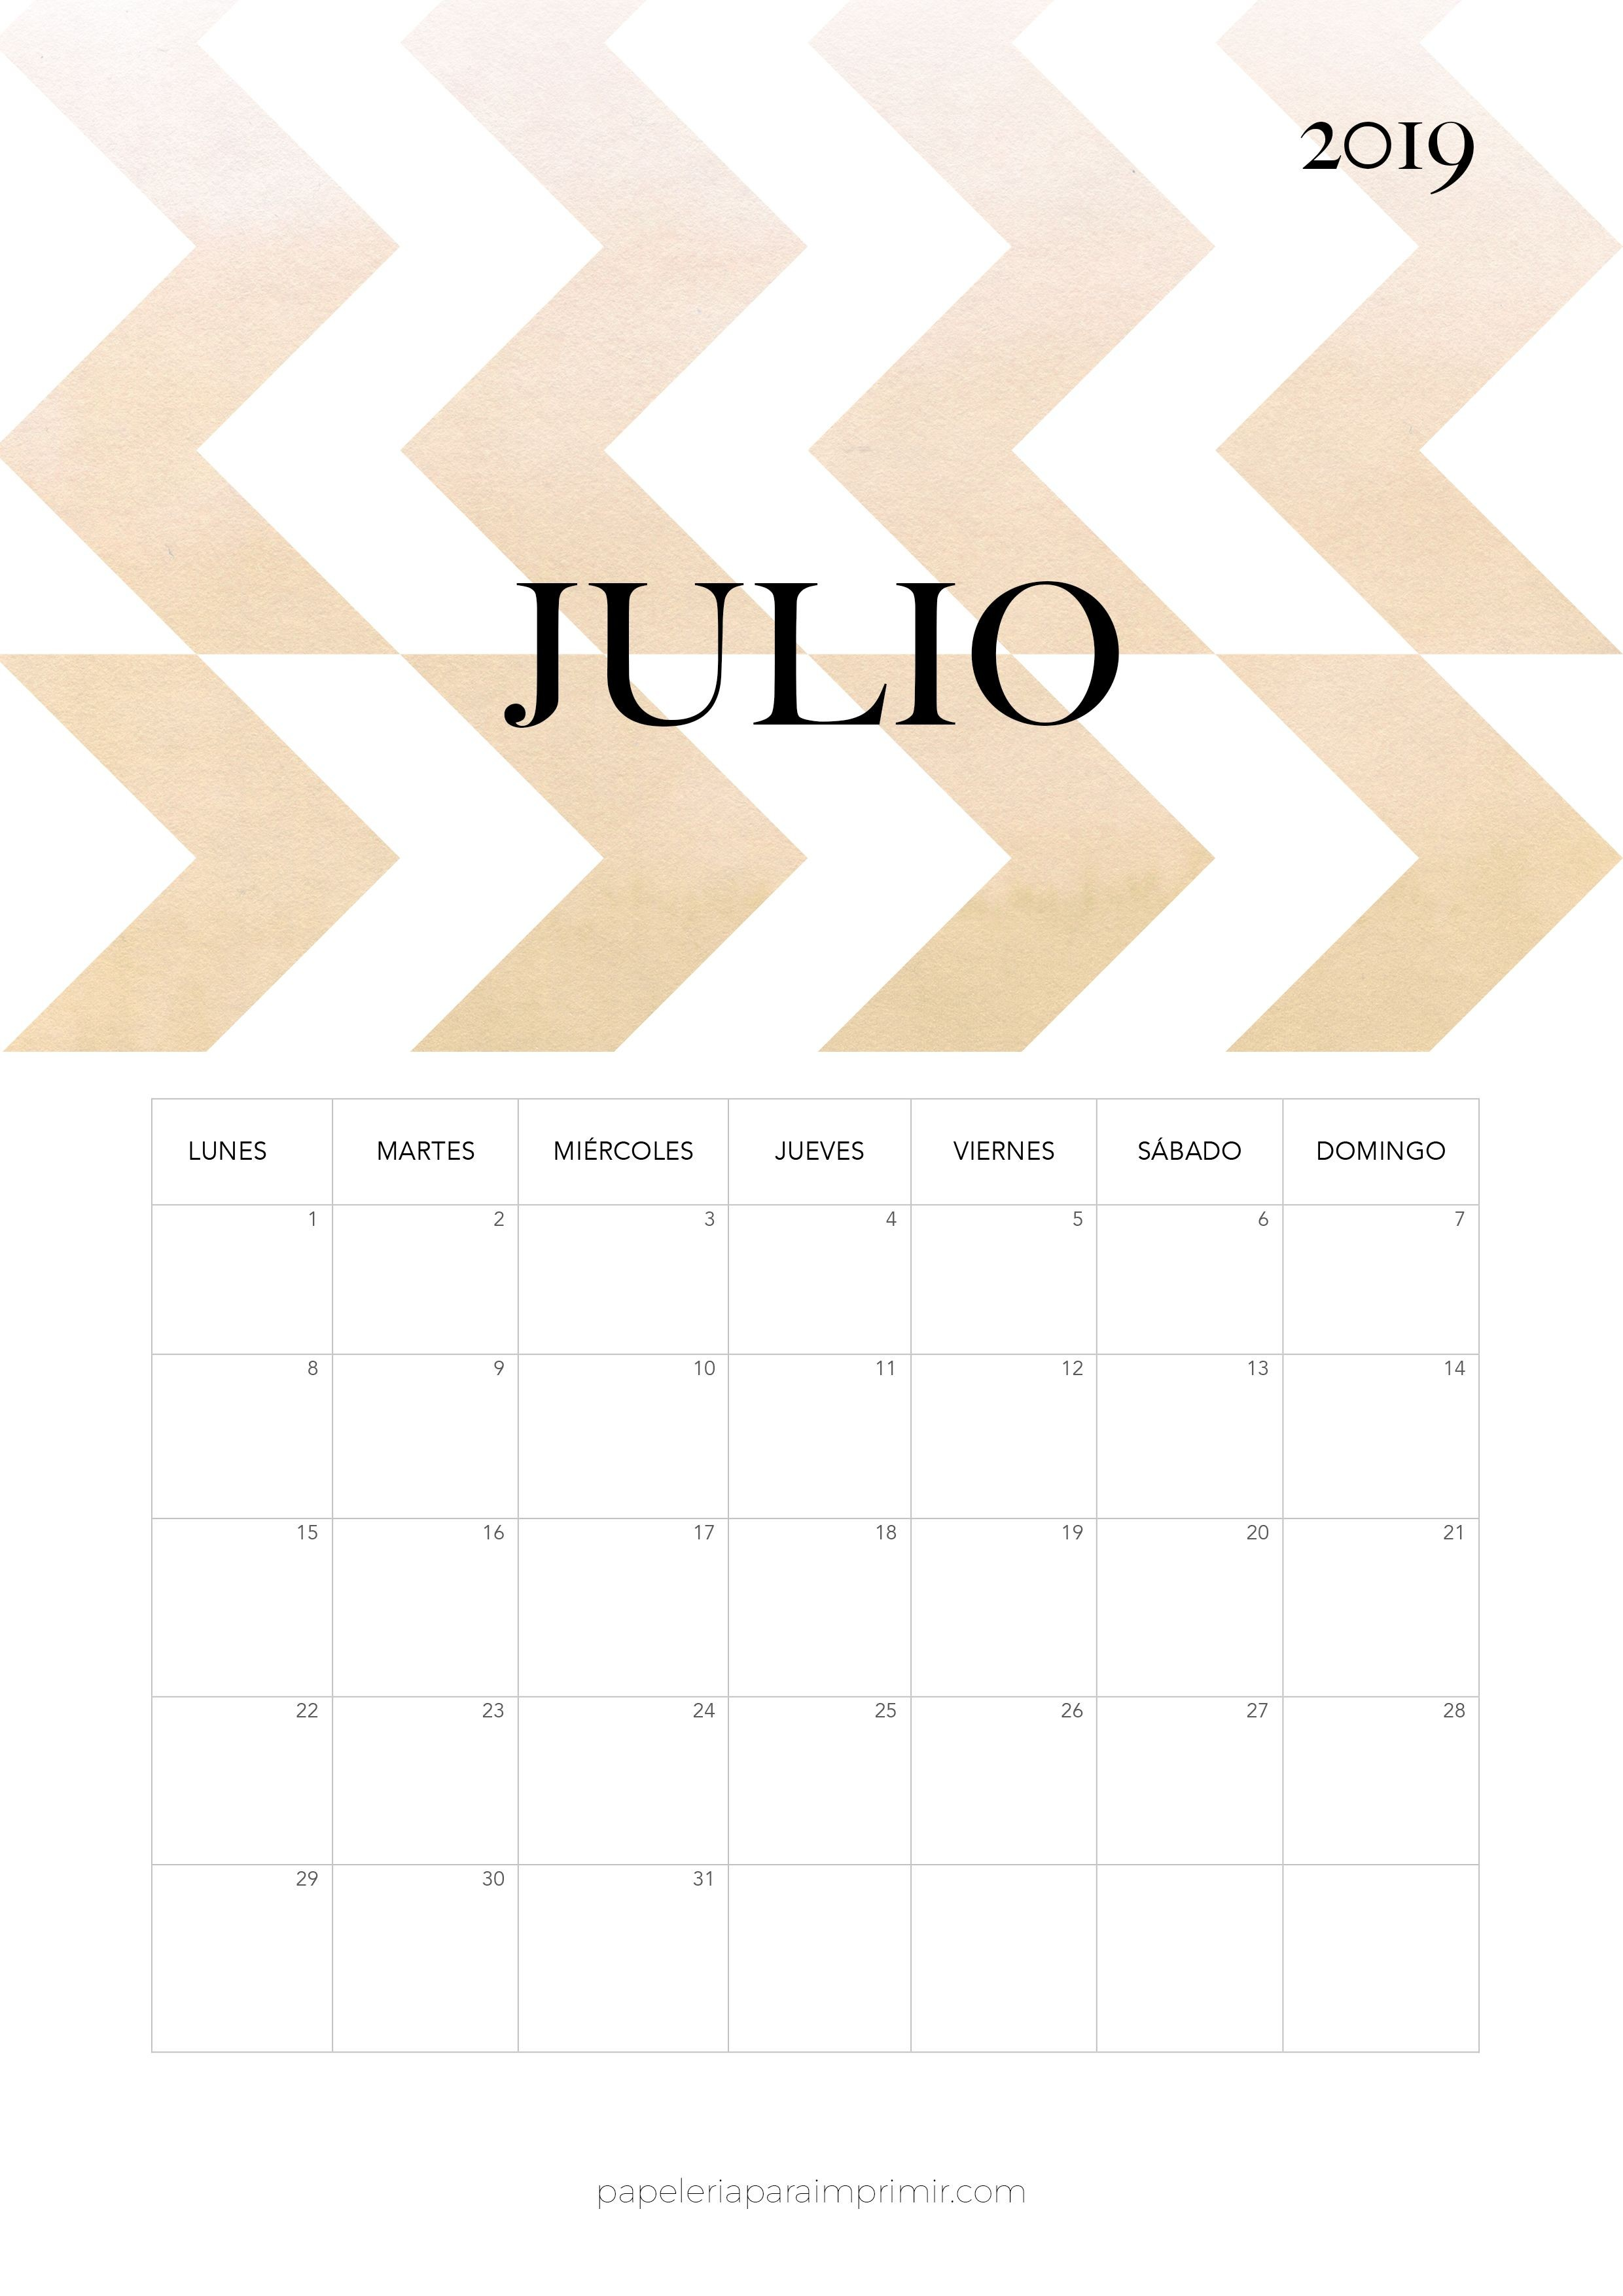 Calendario Completo 2018 Y 2019 Actual Calendario 2019 Julio Calendario Mensual Moderno De Estilo Minimal Of Calendario Completo 2018 Y 2019 Más Caliente Equipamientos originales Equipamientosoriginales En Pinterest